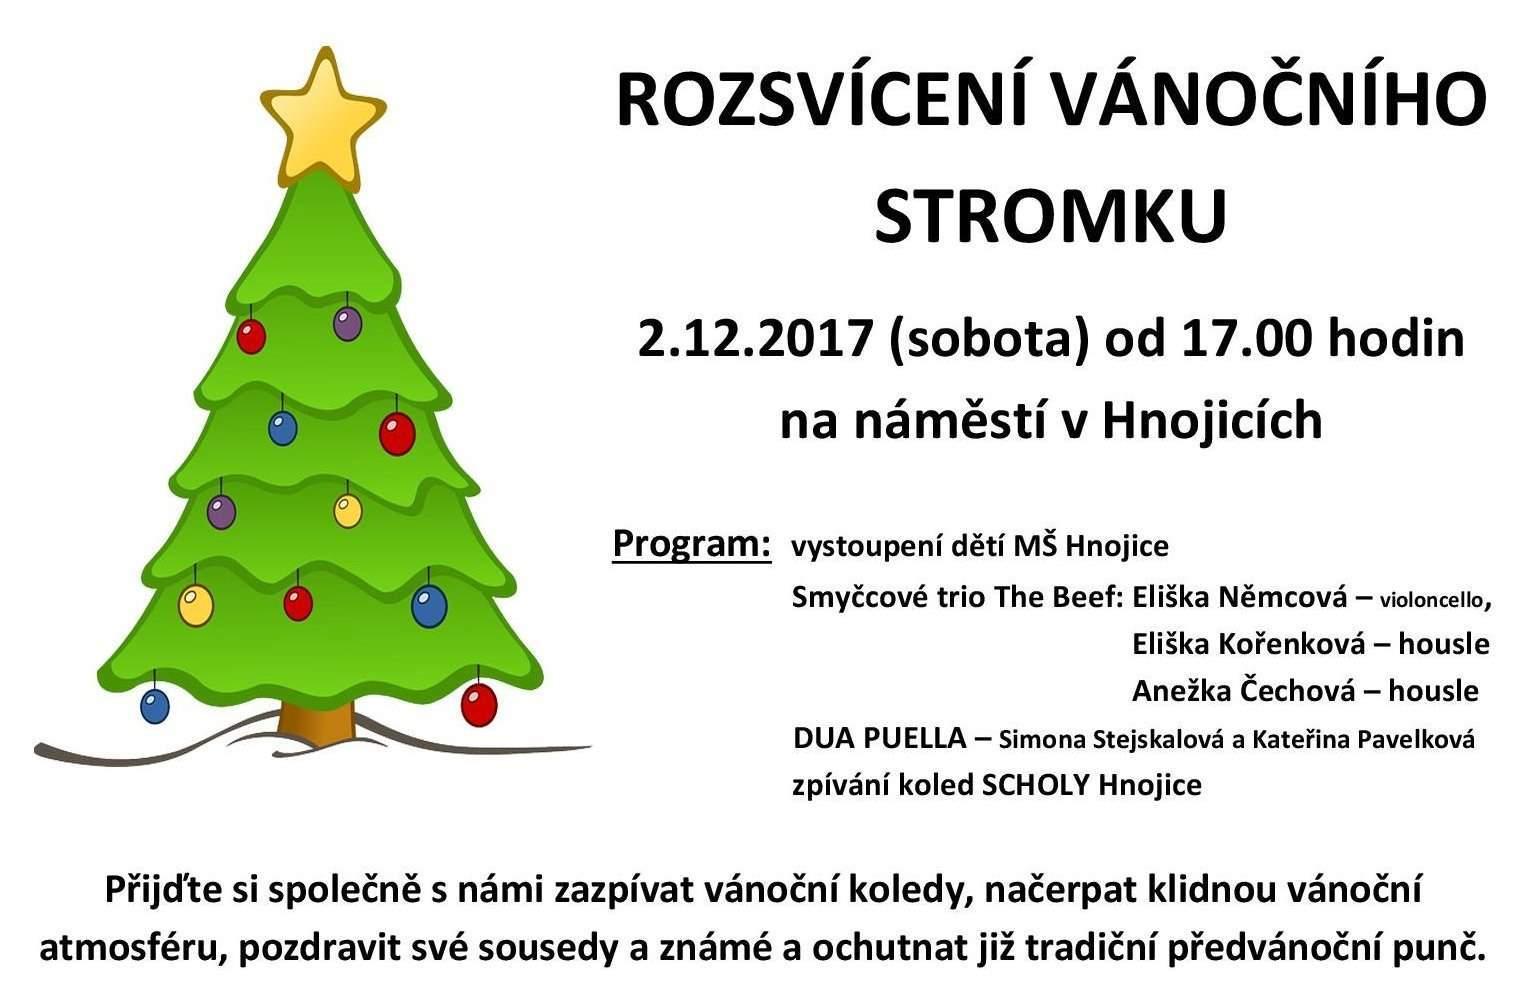 Rozsvícení Vánoèního stromku